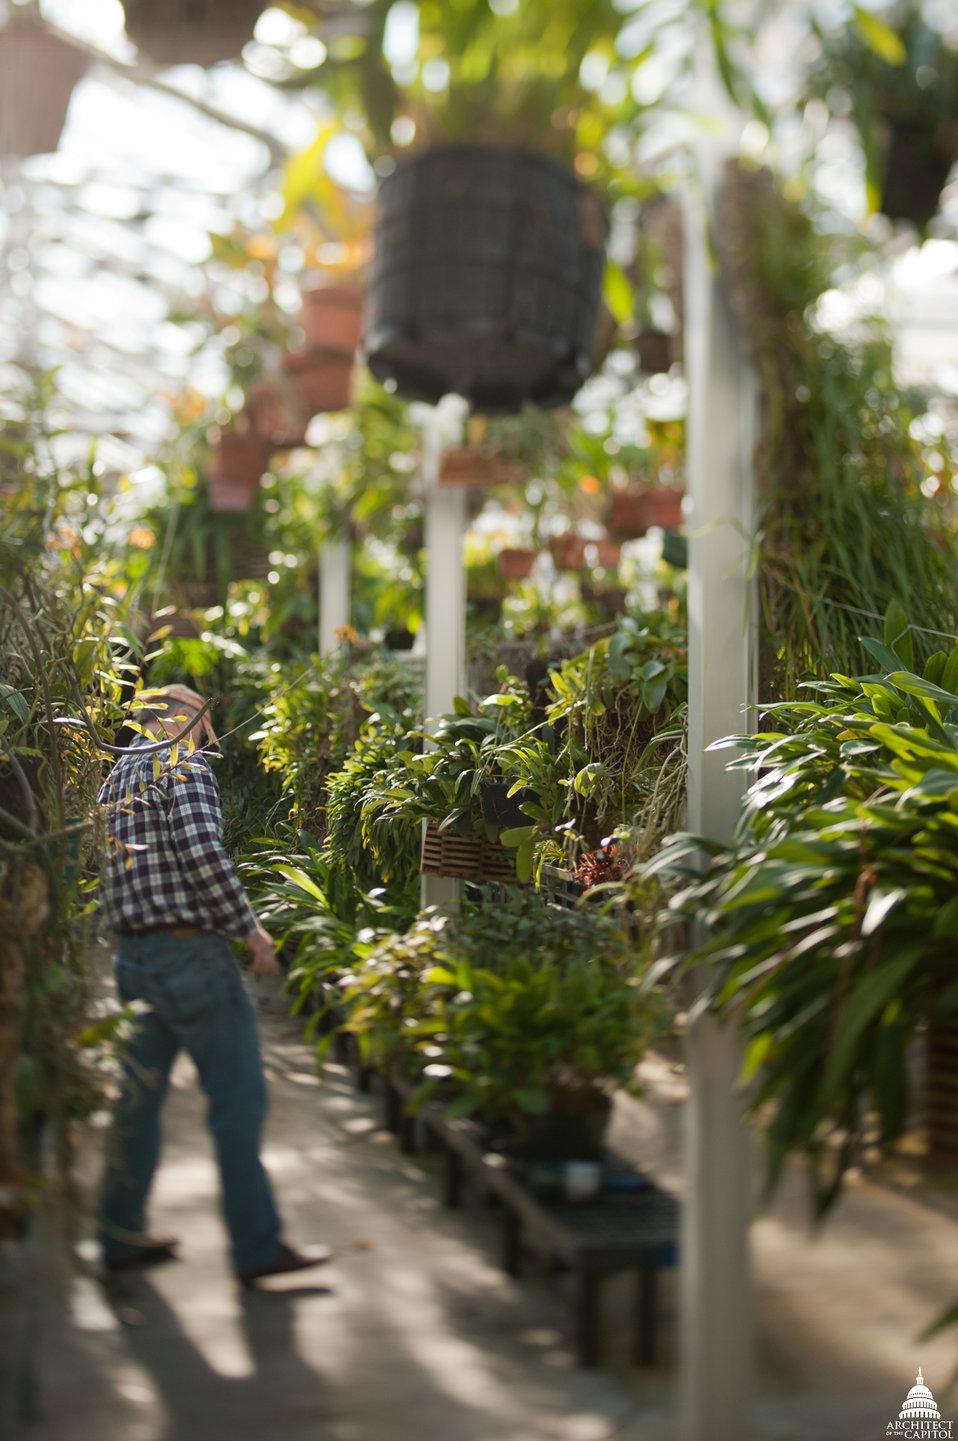 U.S. Botanic Garden Production Facility